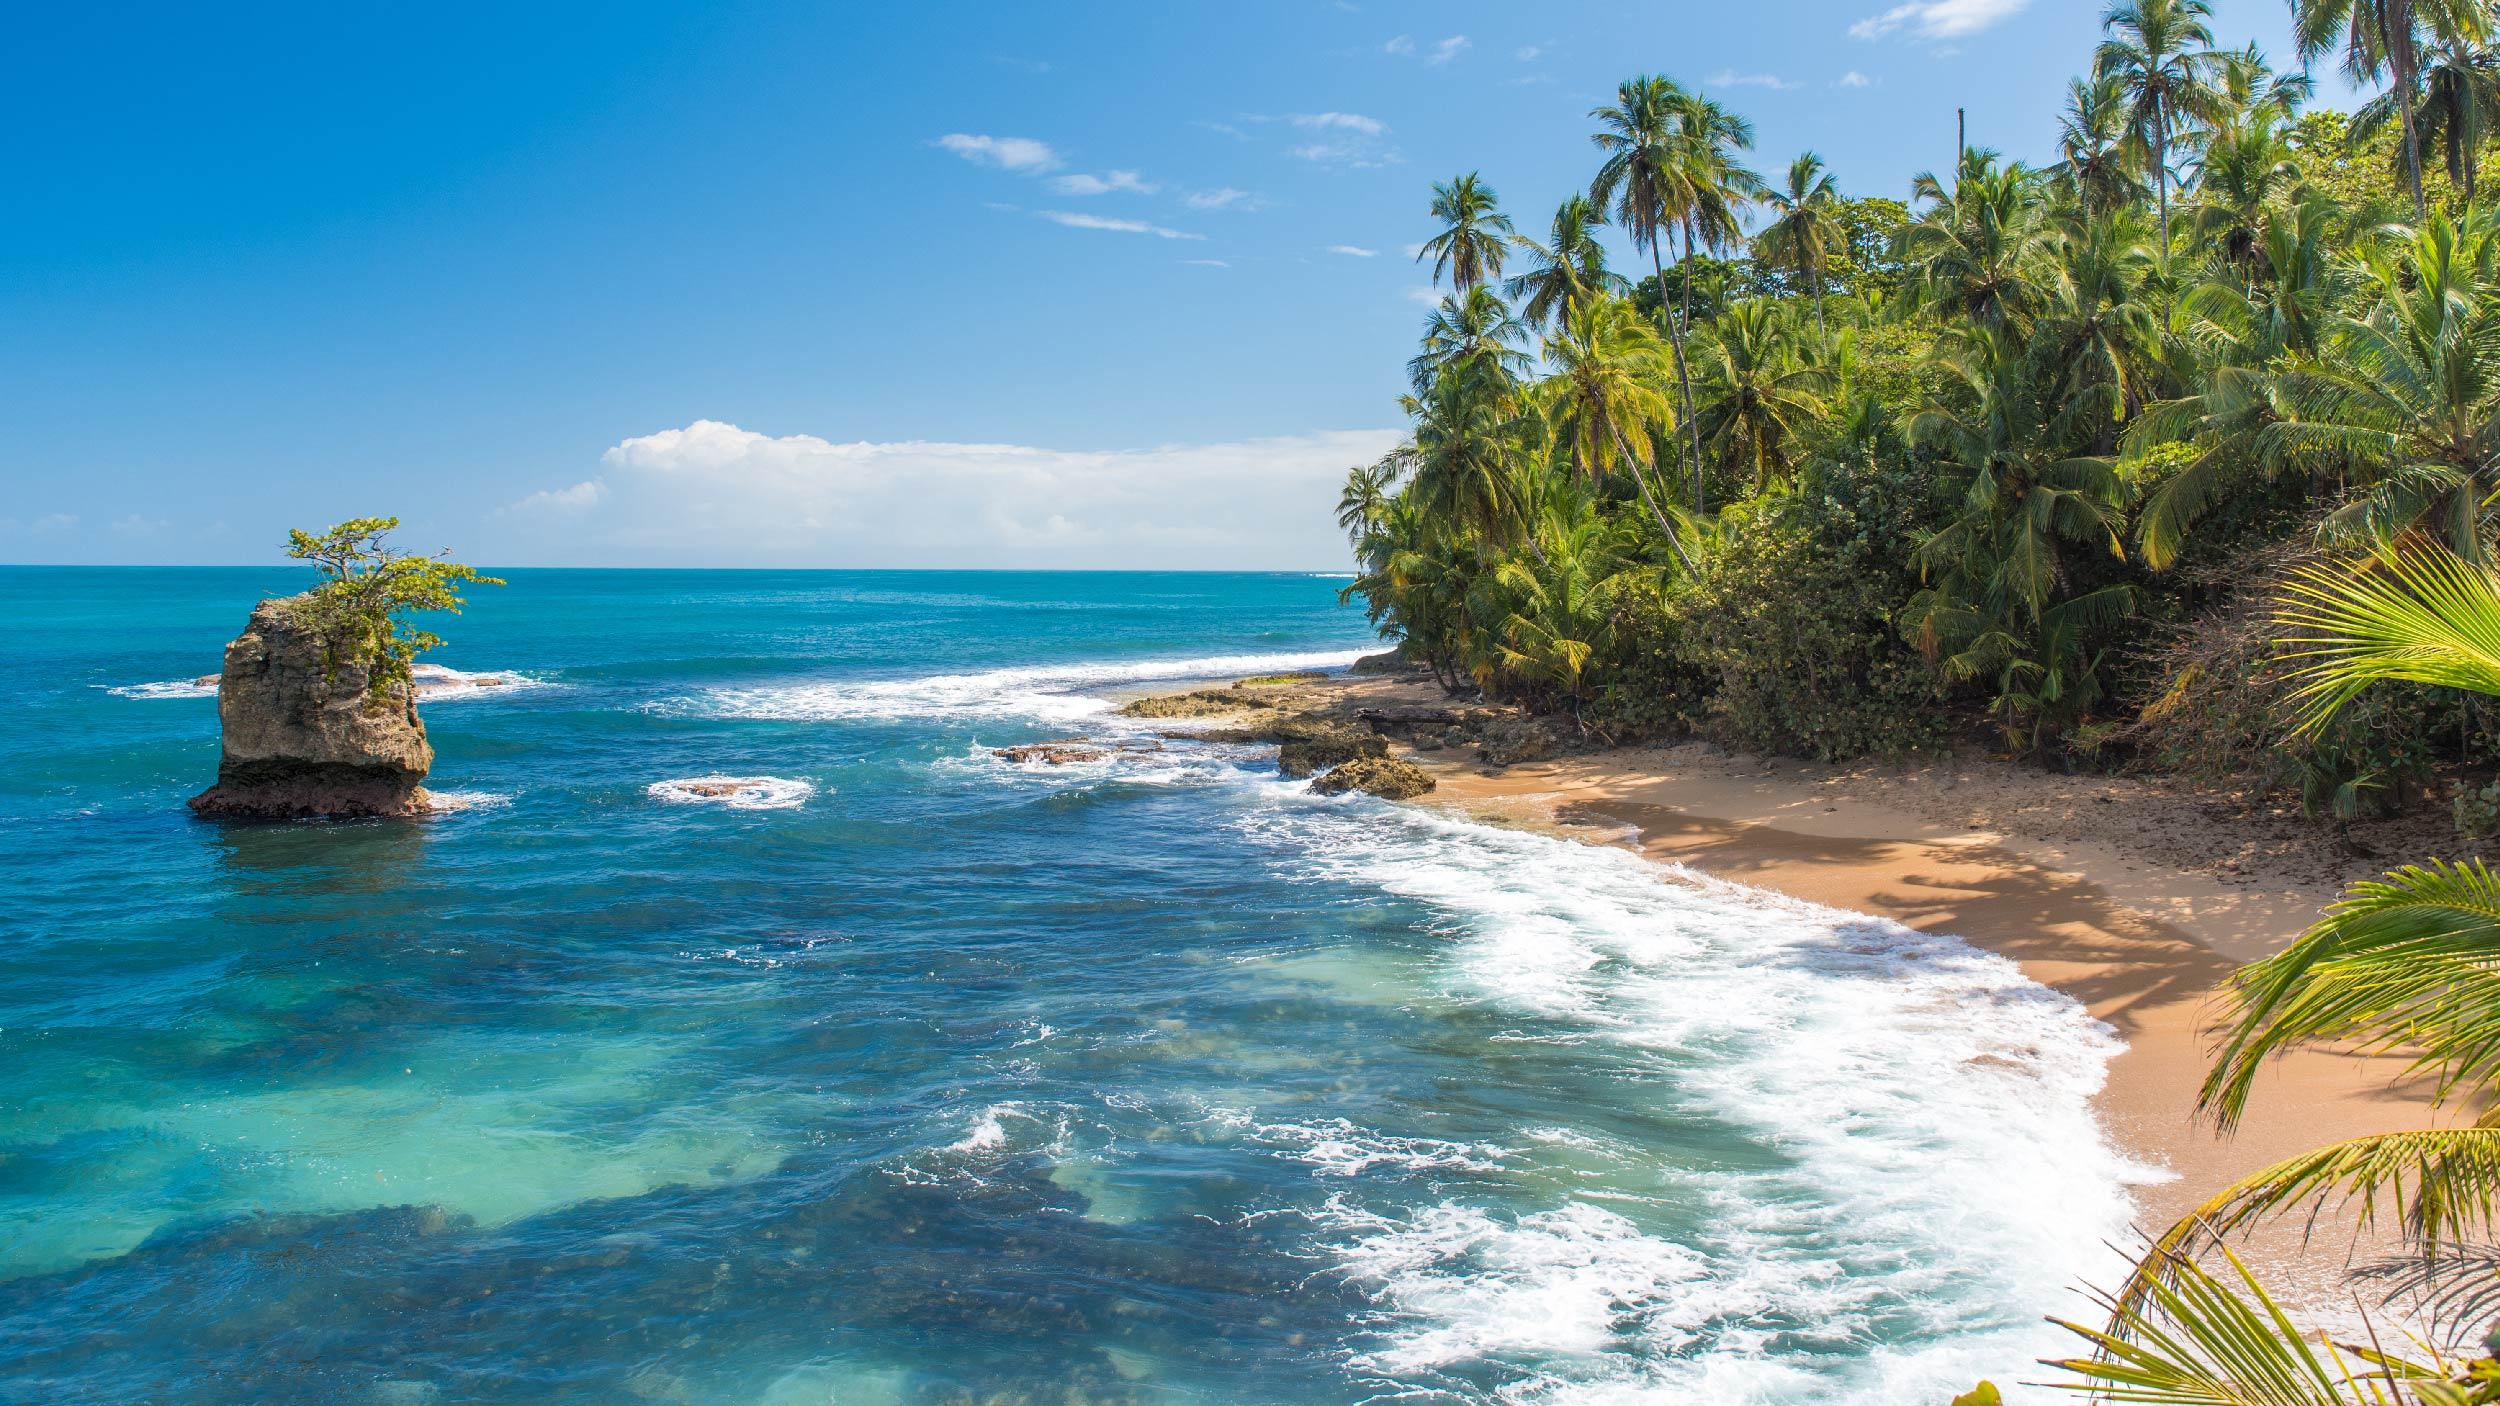 playas del Caribe en Costa Rica